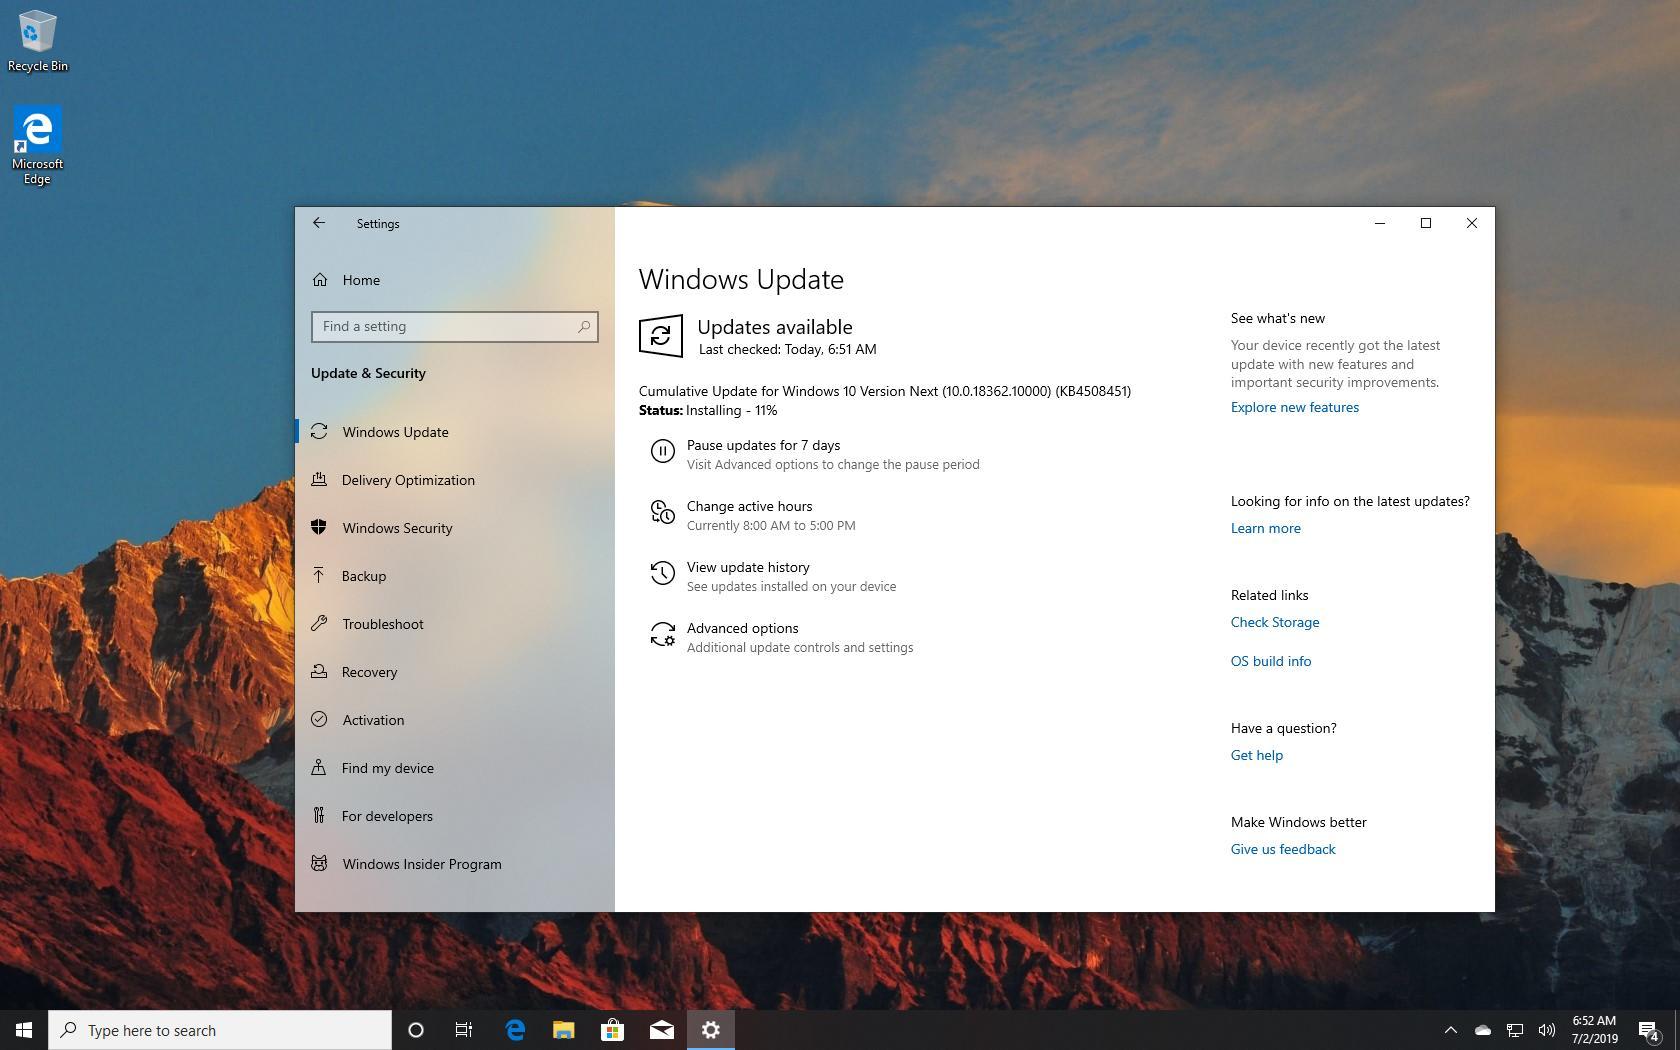 Windows 10 19H2 September release